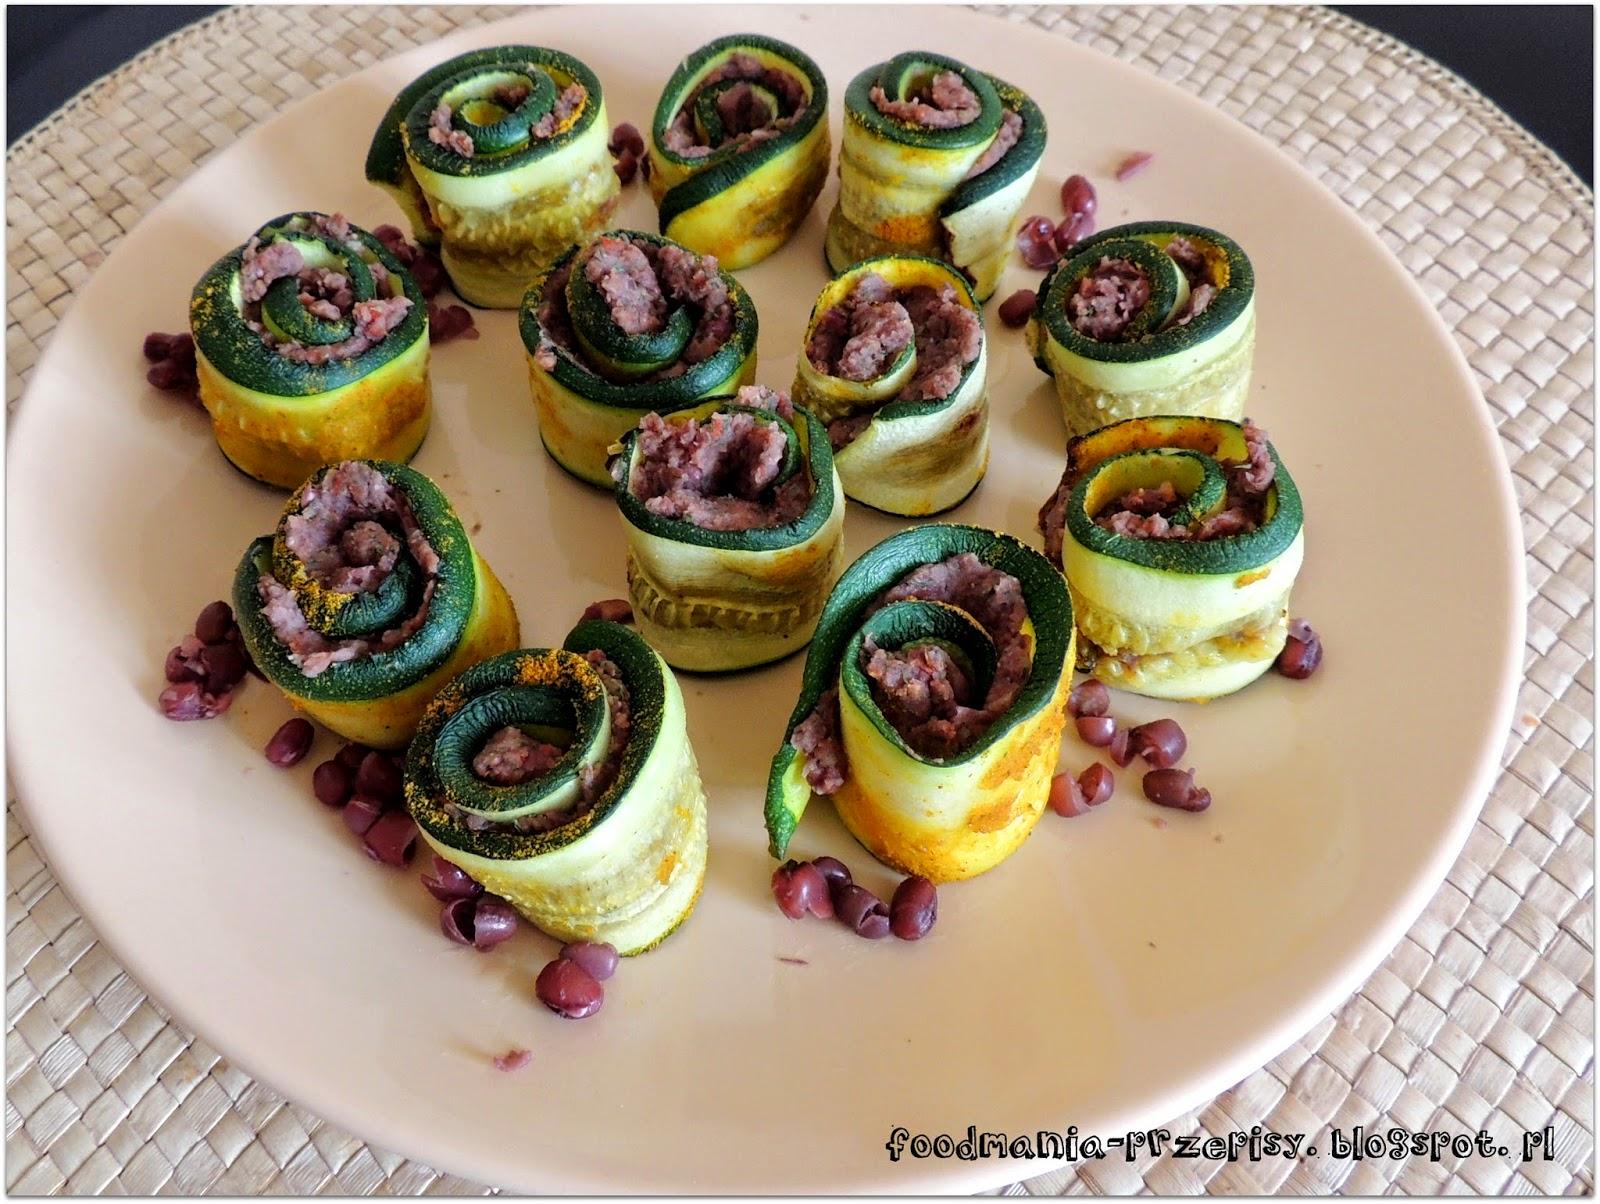 http://foodmania-przepisy.blogspot.com/2014/04/roladki-z-cukinii-z-pasta-z-fasoli.html